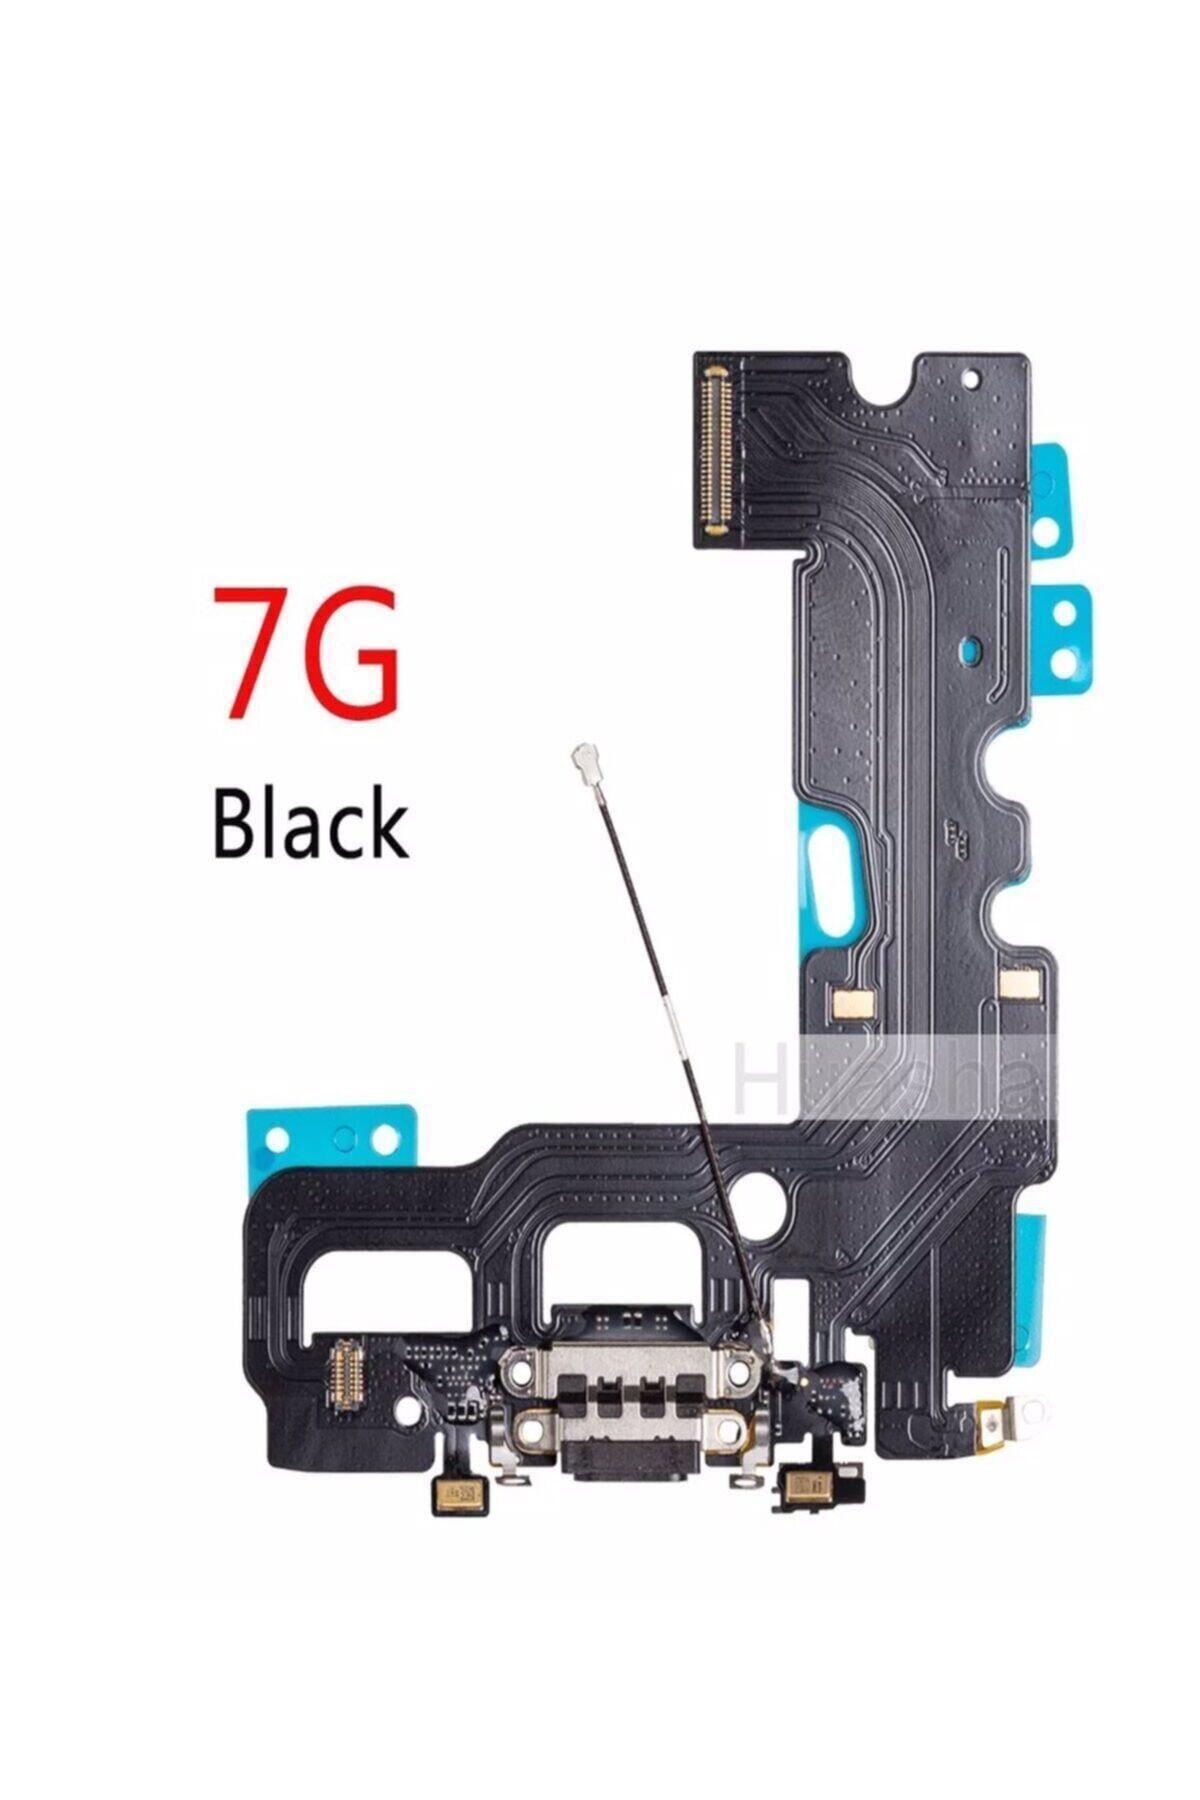 ucuzmi Iphone 7 Mikrofonlu Hızlı Şarj Soket Bordu Tam Kalite Iç Aksam Teknik Servis Ürünü 1